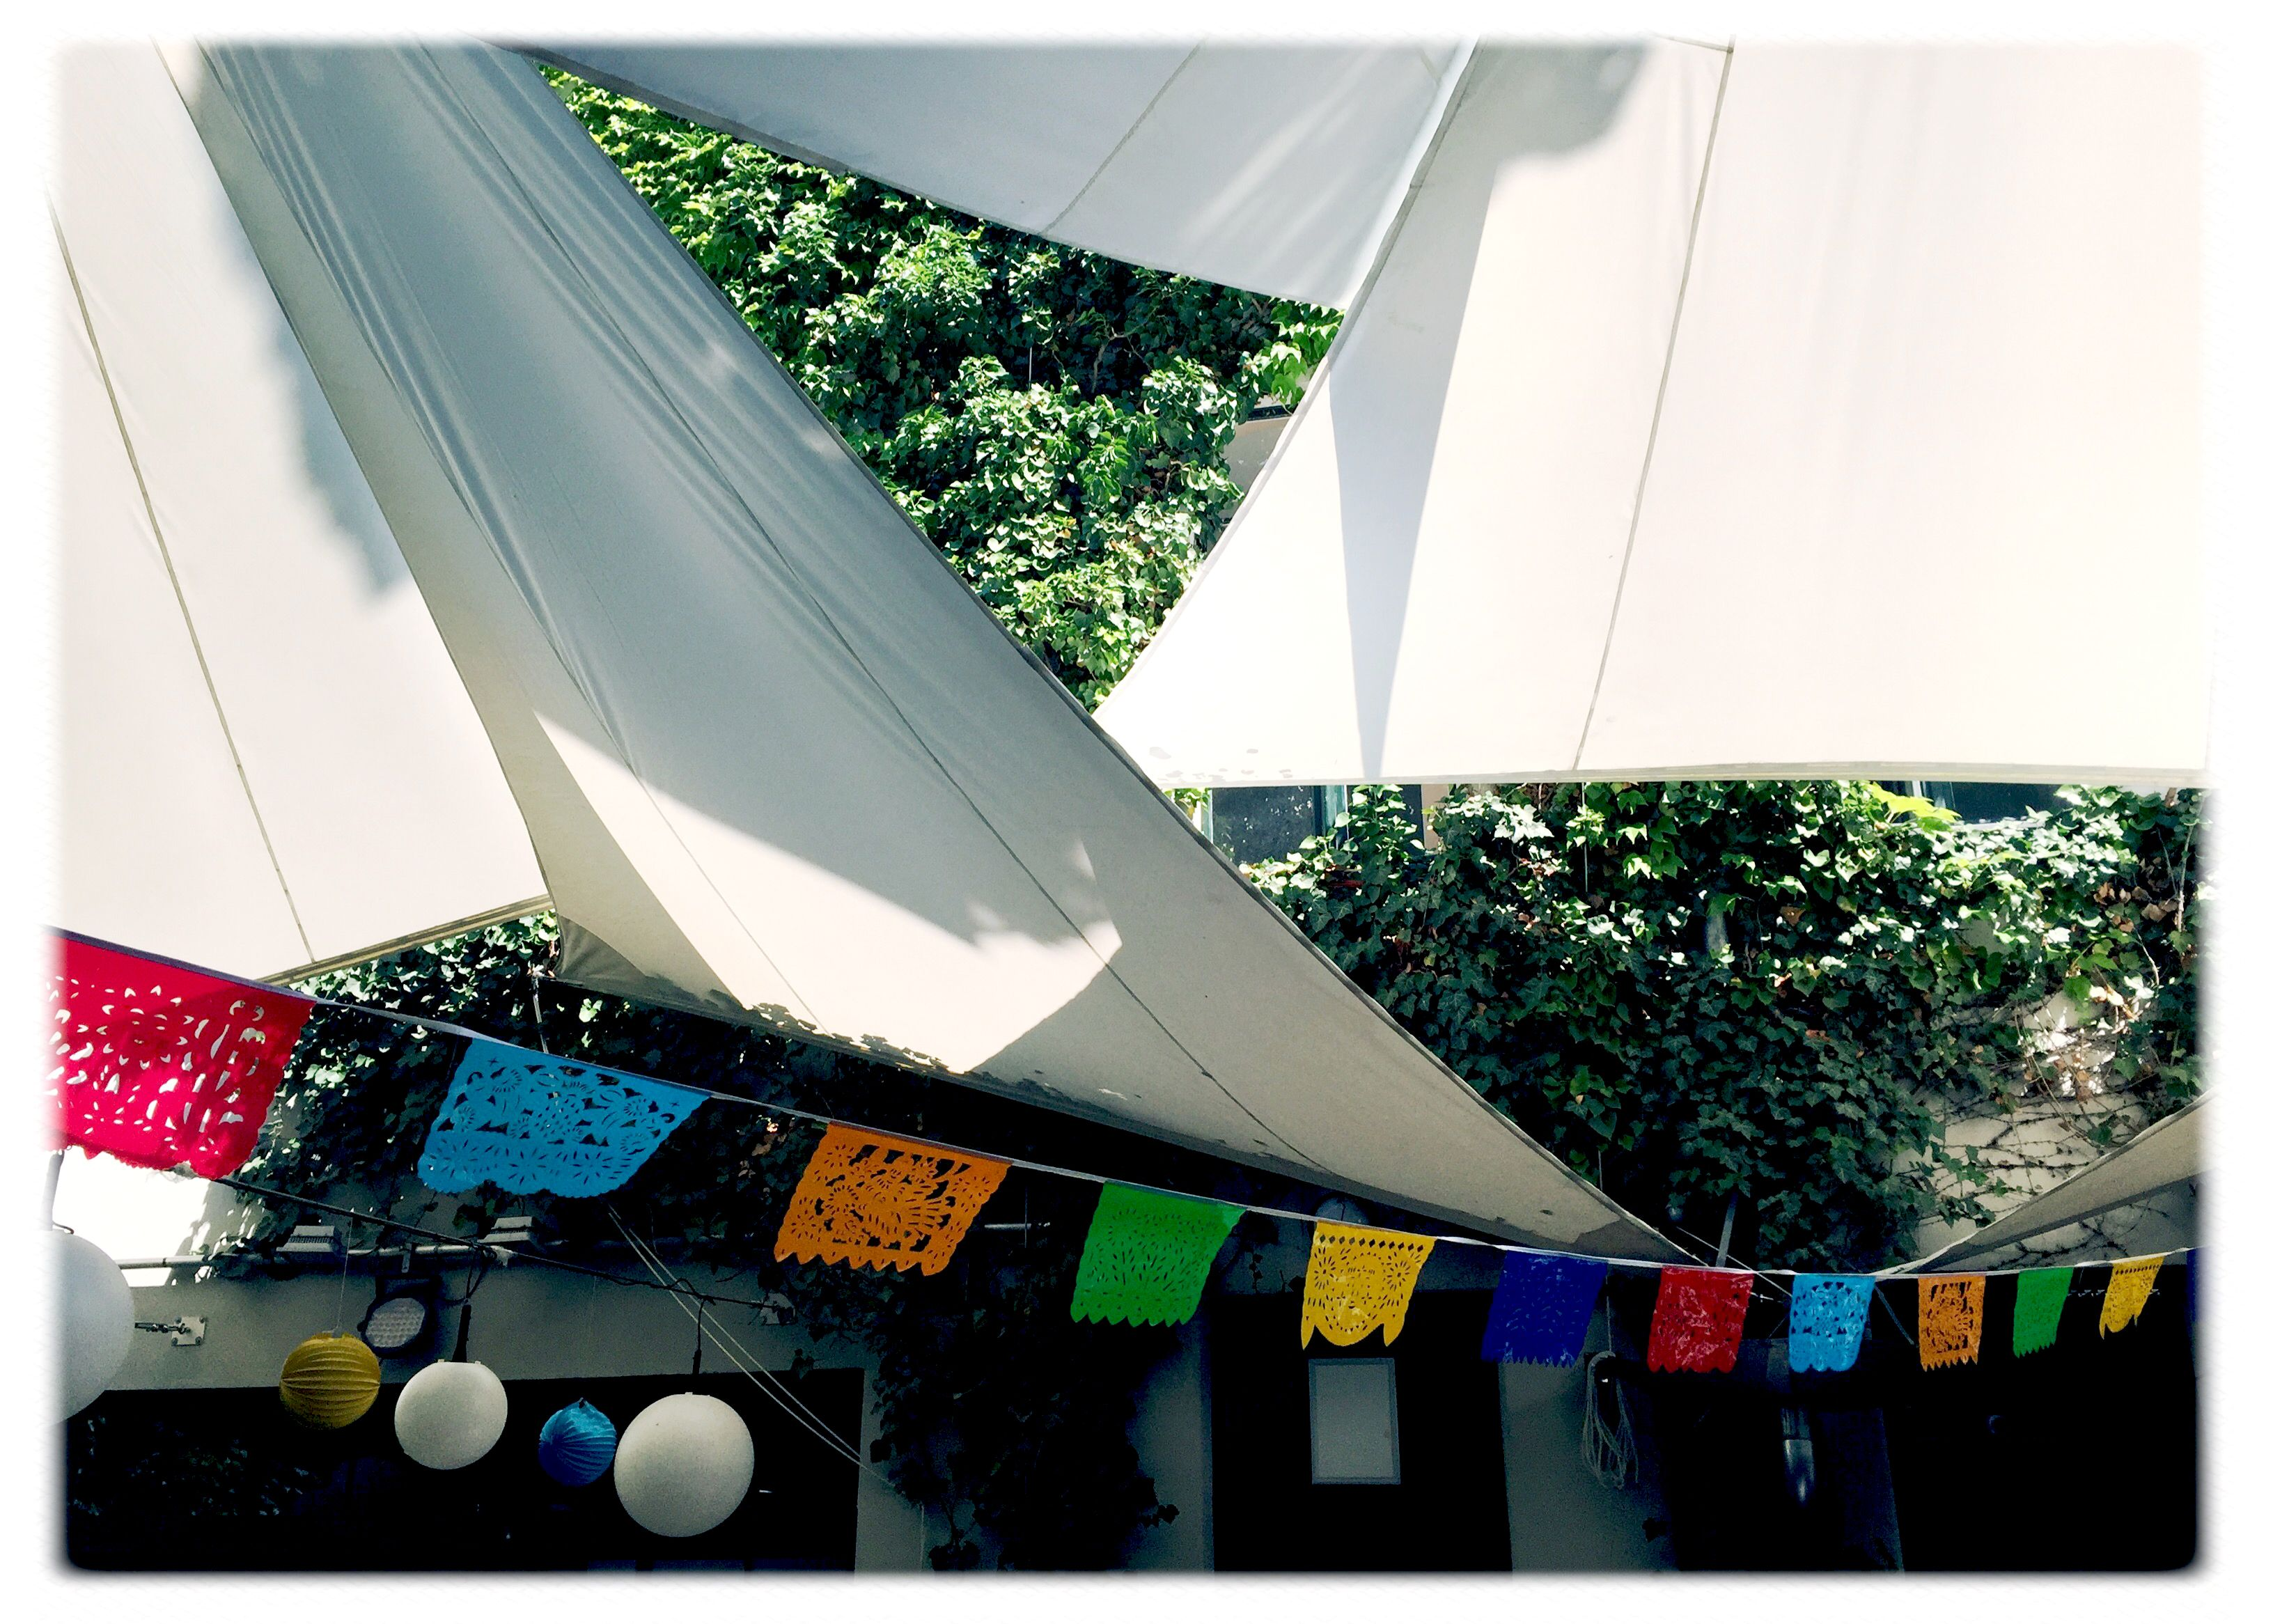 Innenhof #sommer #sonne #sunshine #girlande #berlin #draussen #feiern